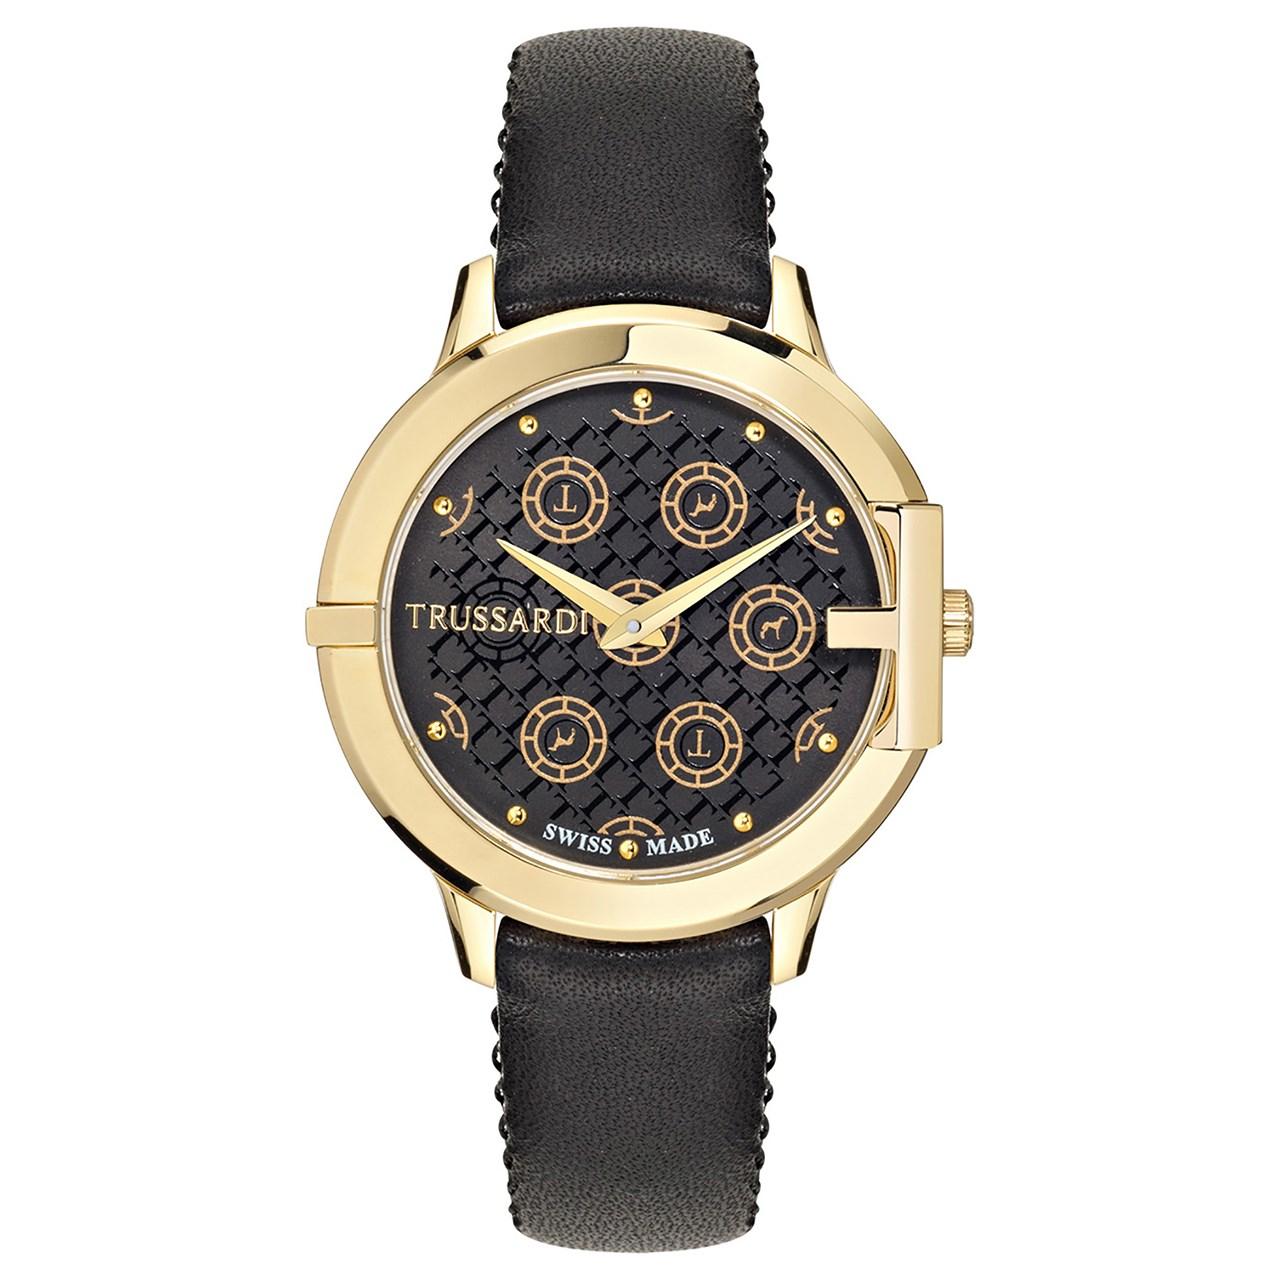 خرید ساعت مچی عقربه ای زنانه تروساردی مدل TR-R2451114502